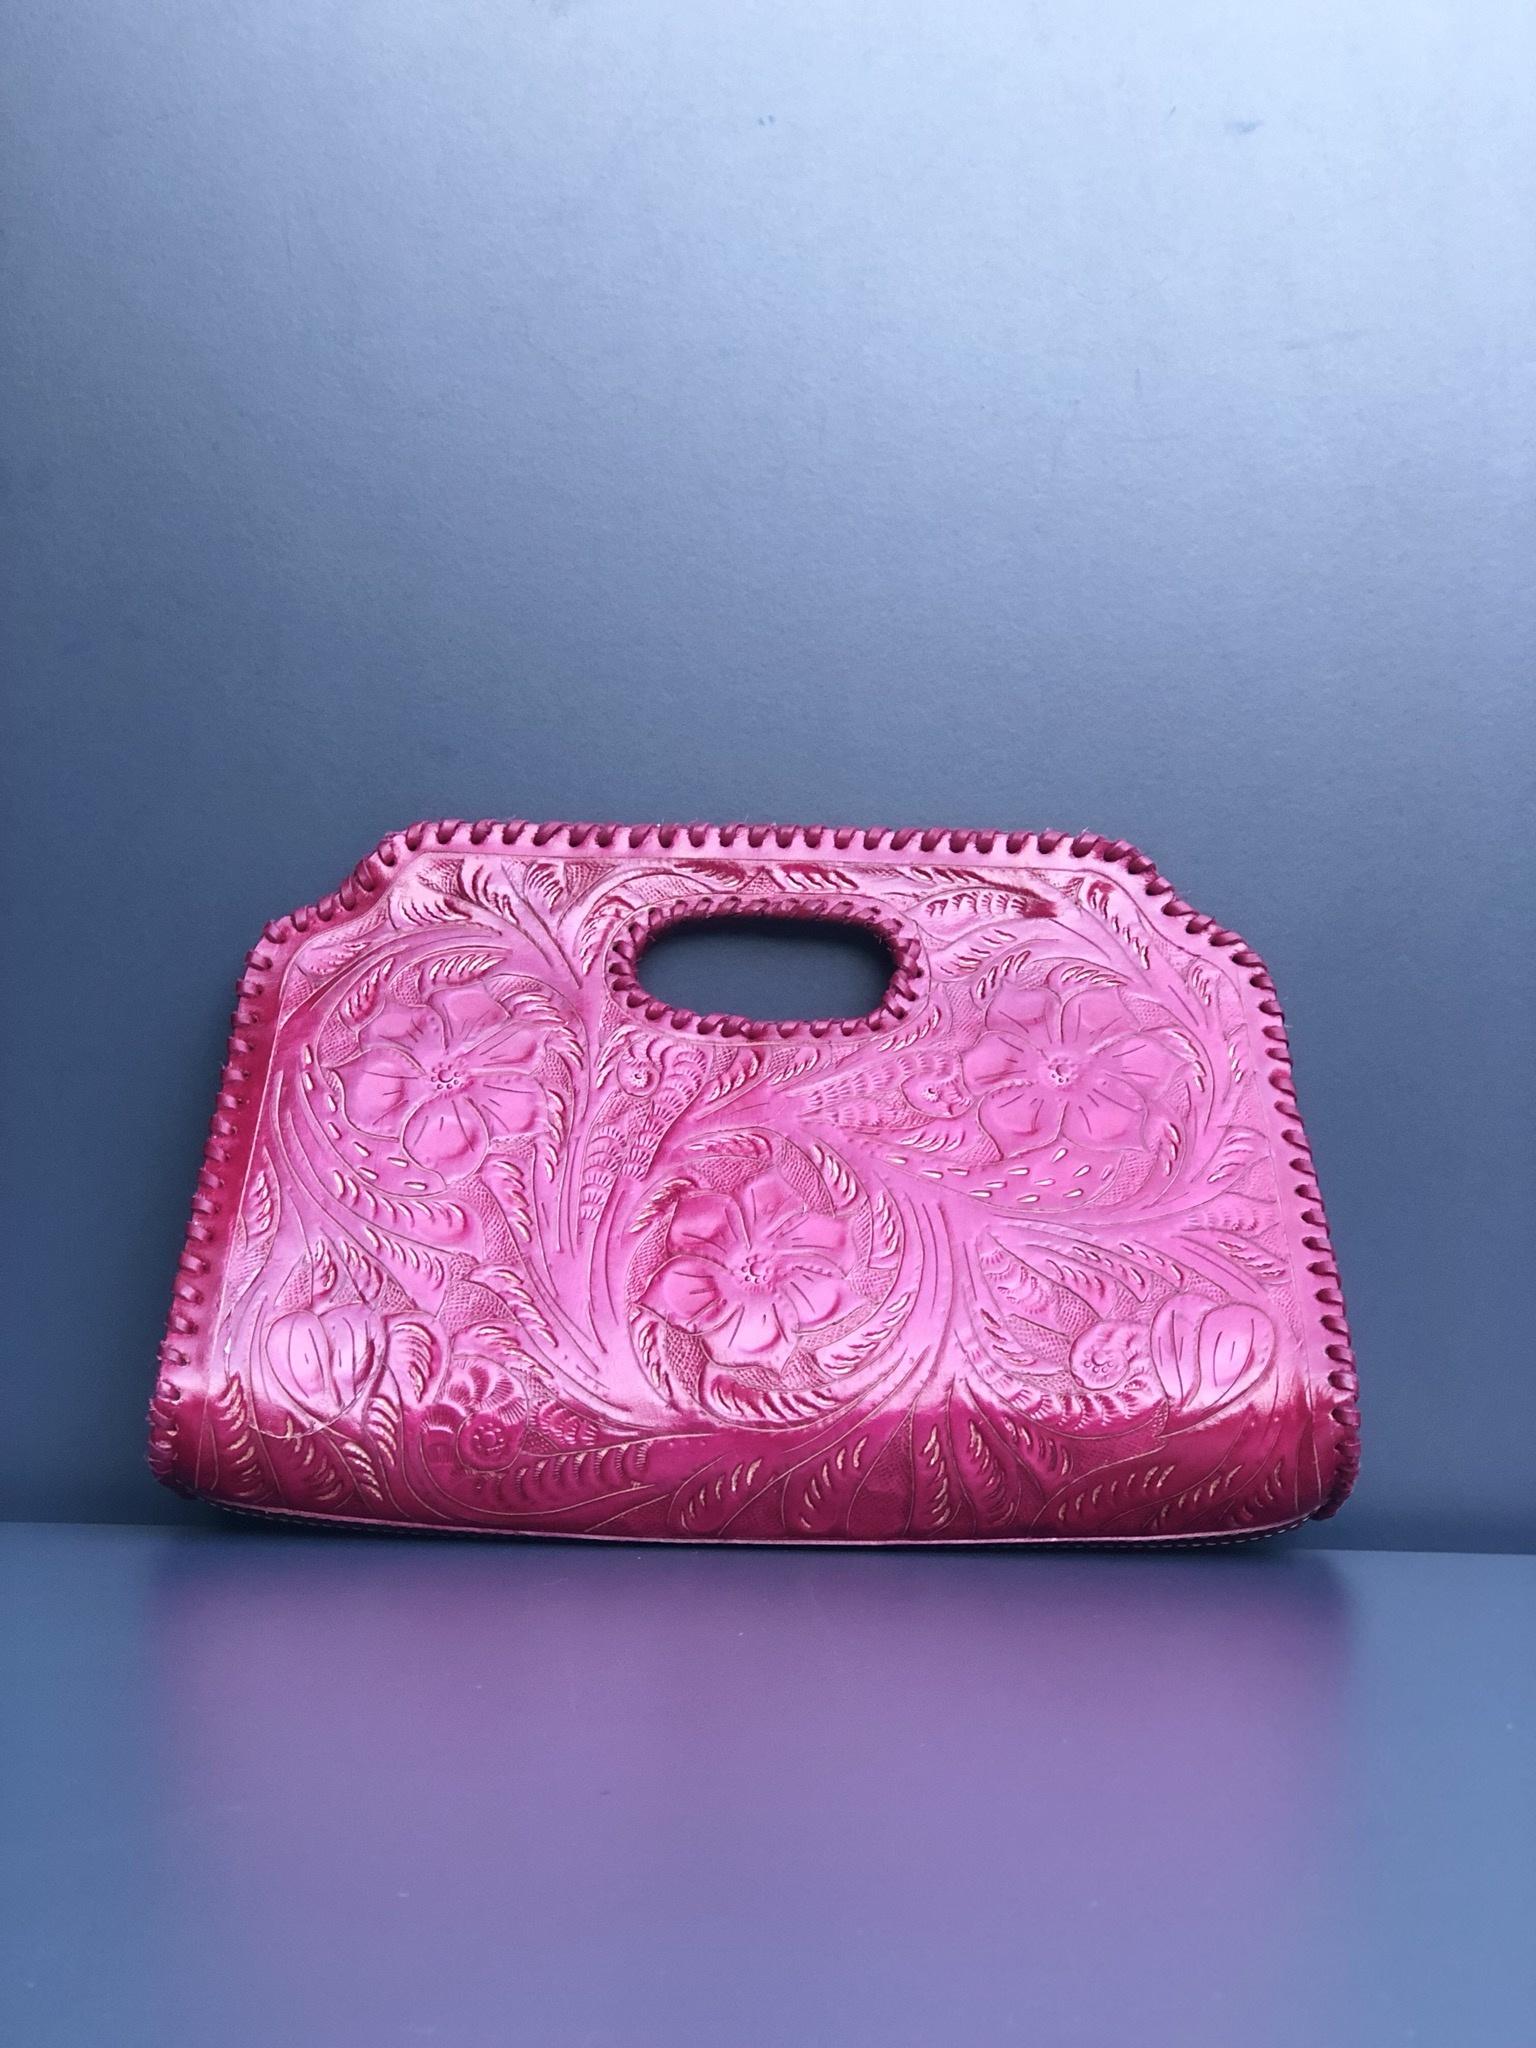 Handcarved leather bag